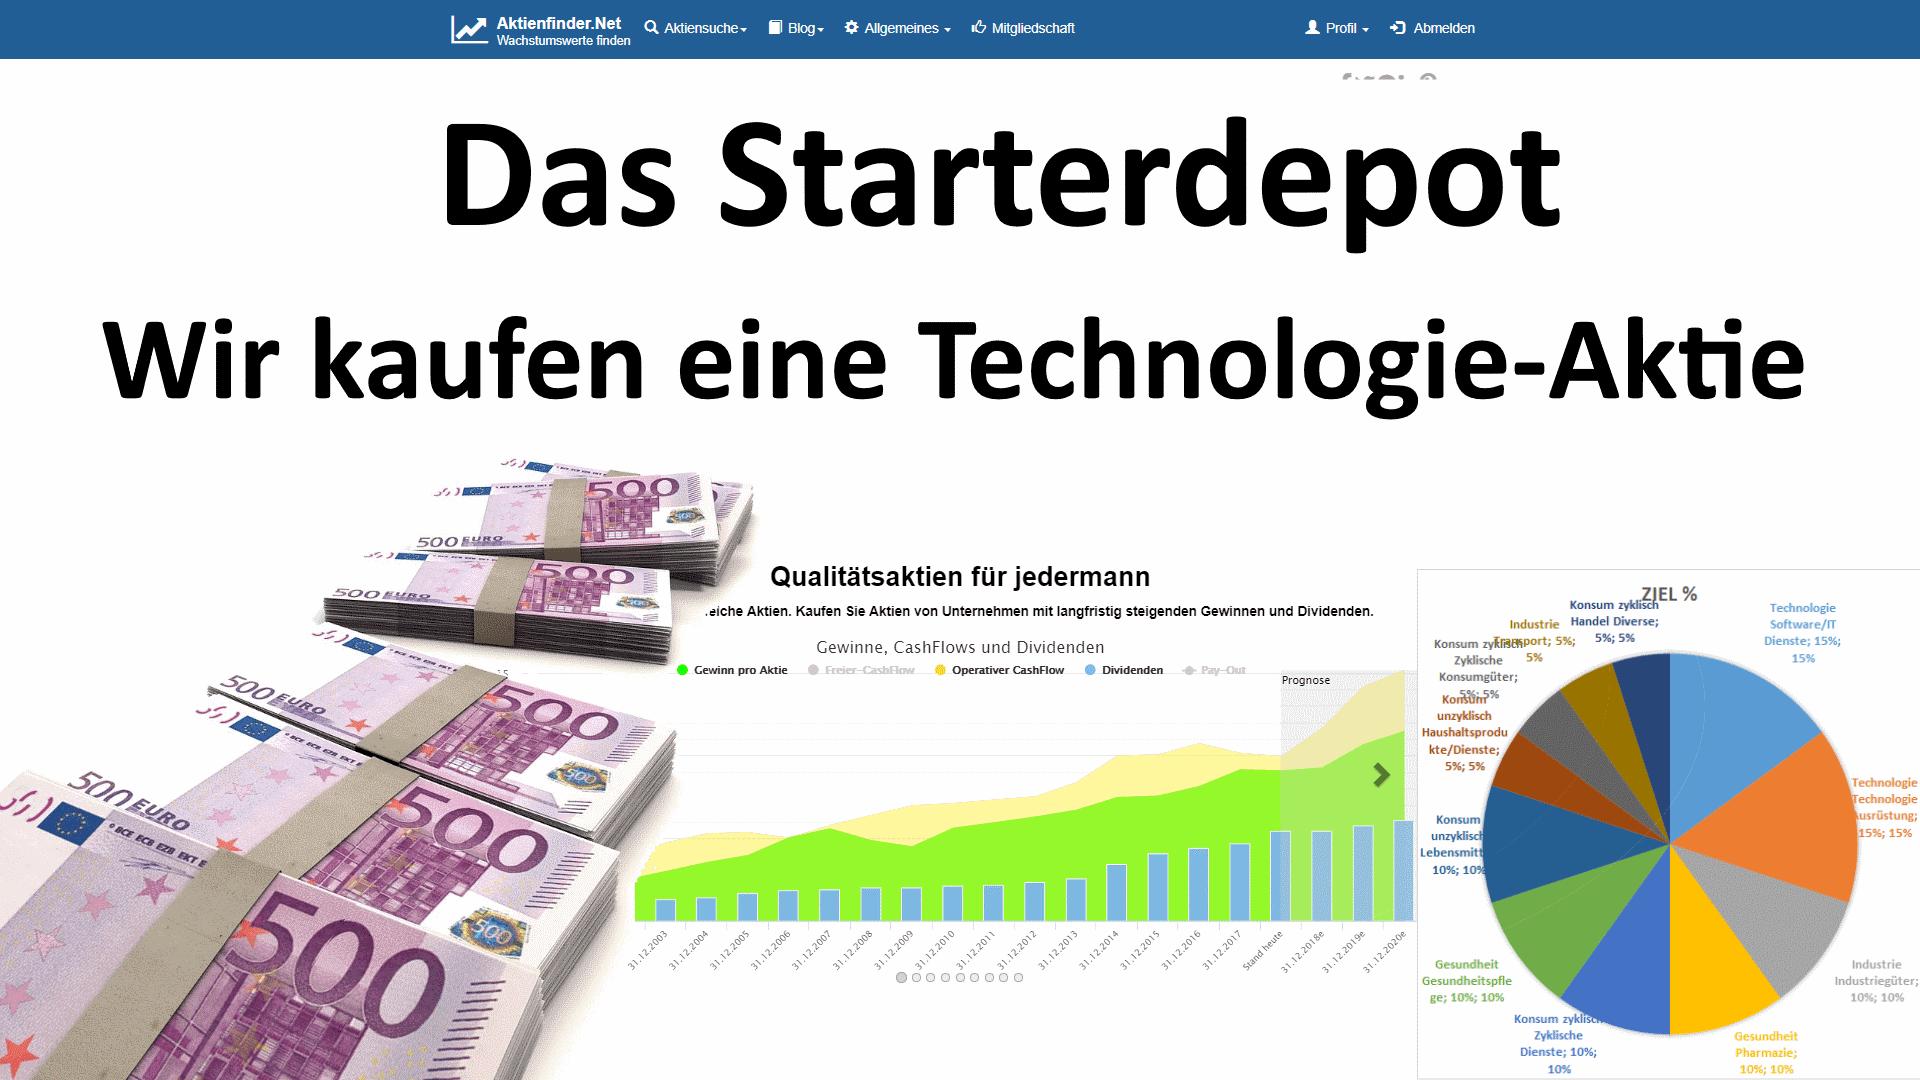 Wir kaufen eine Technologie-Aktie (Software)